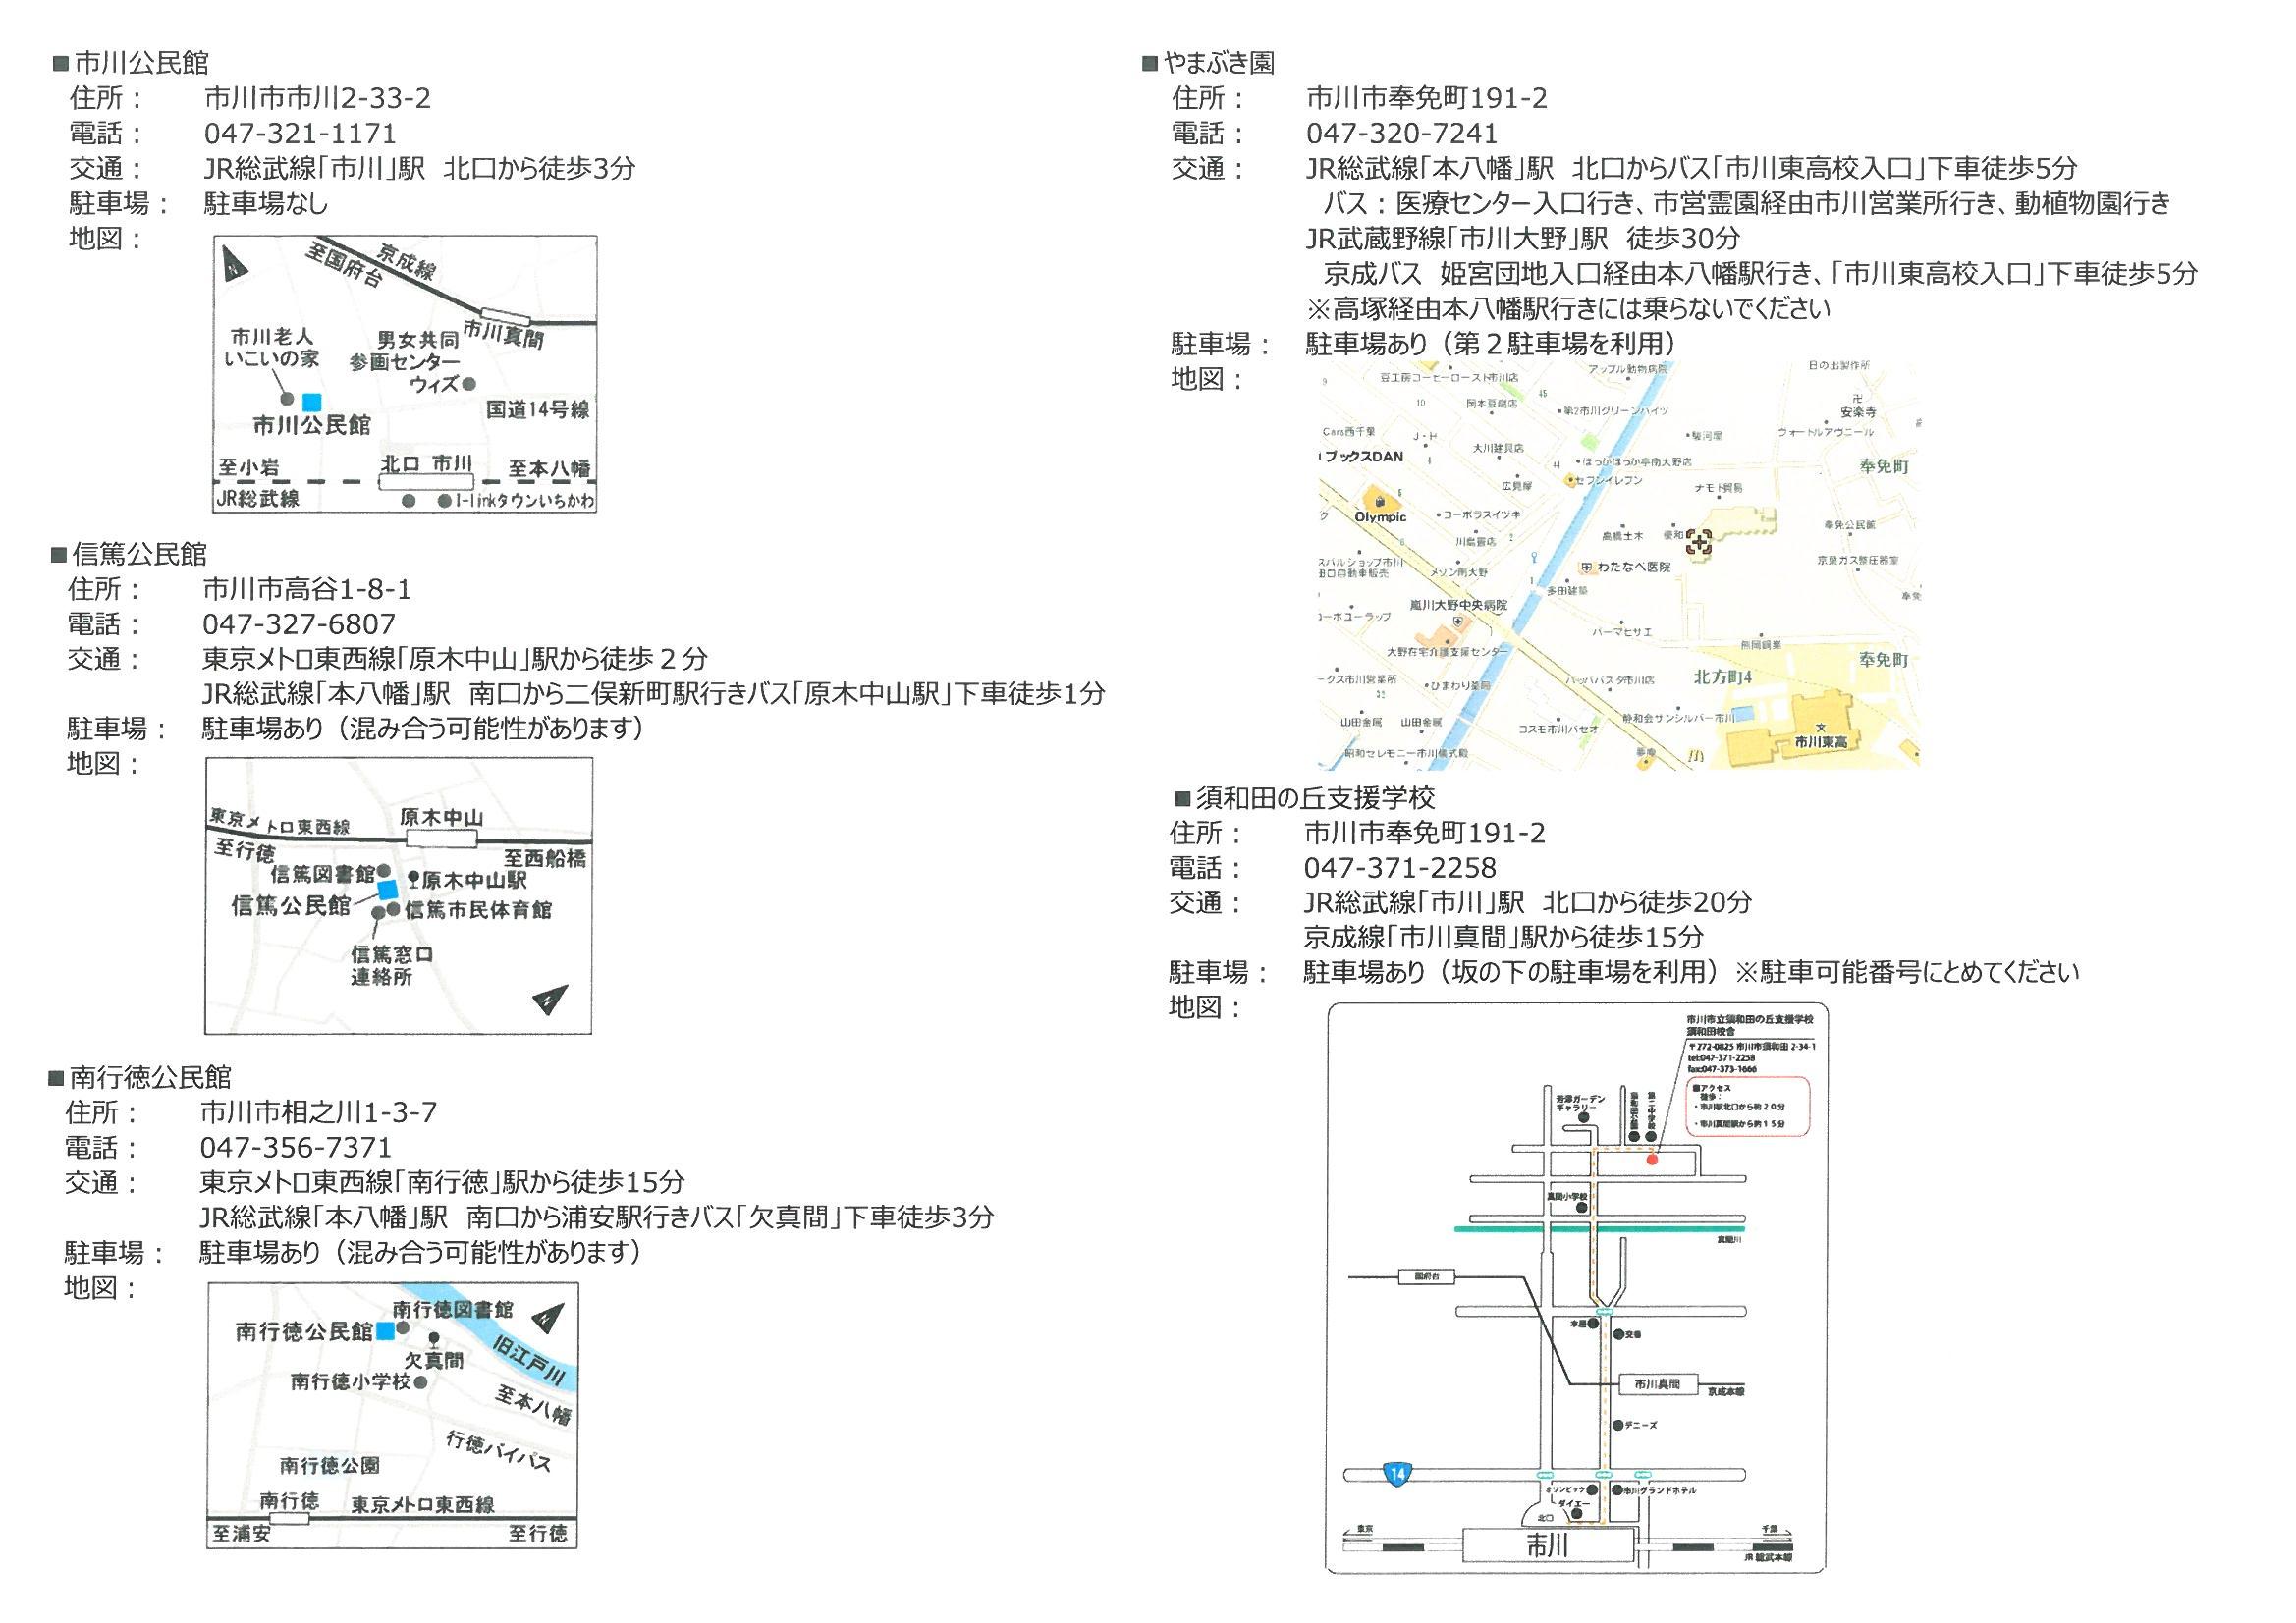 チャレンジド・アーツ スケジュール裏面_SKMBT_C25315051419271